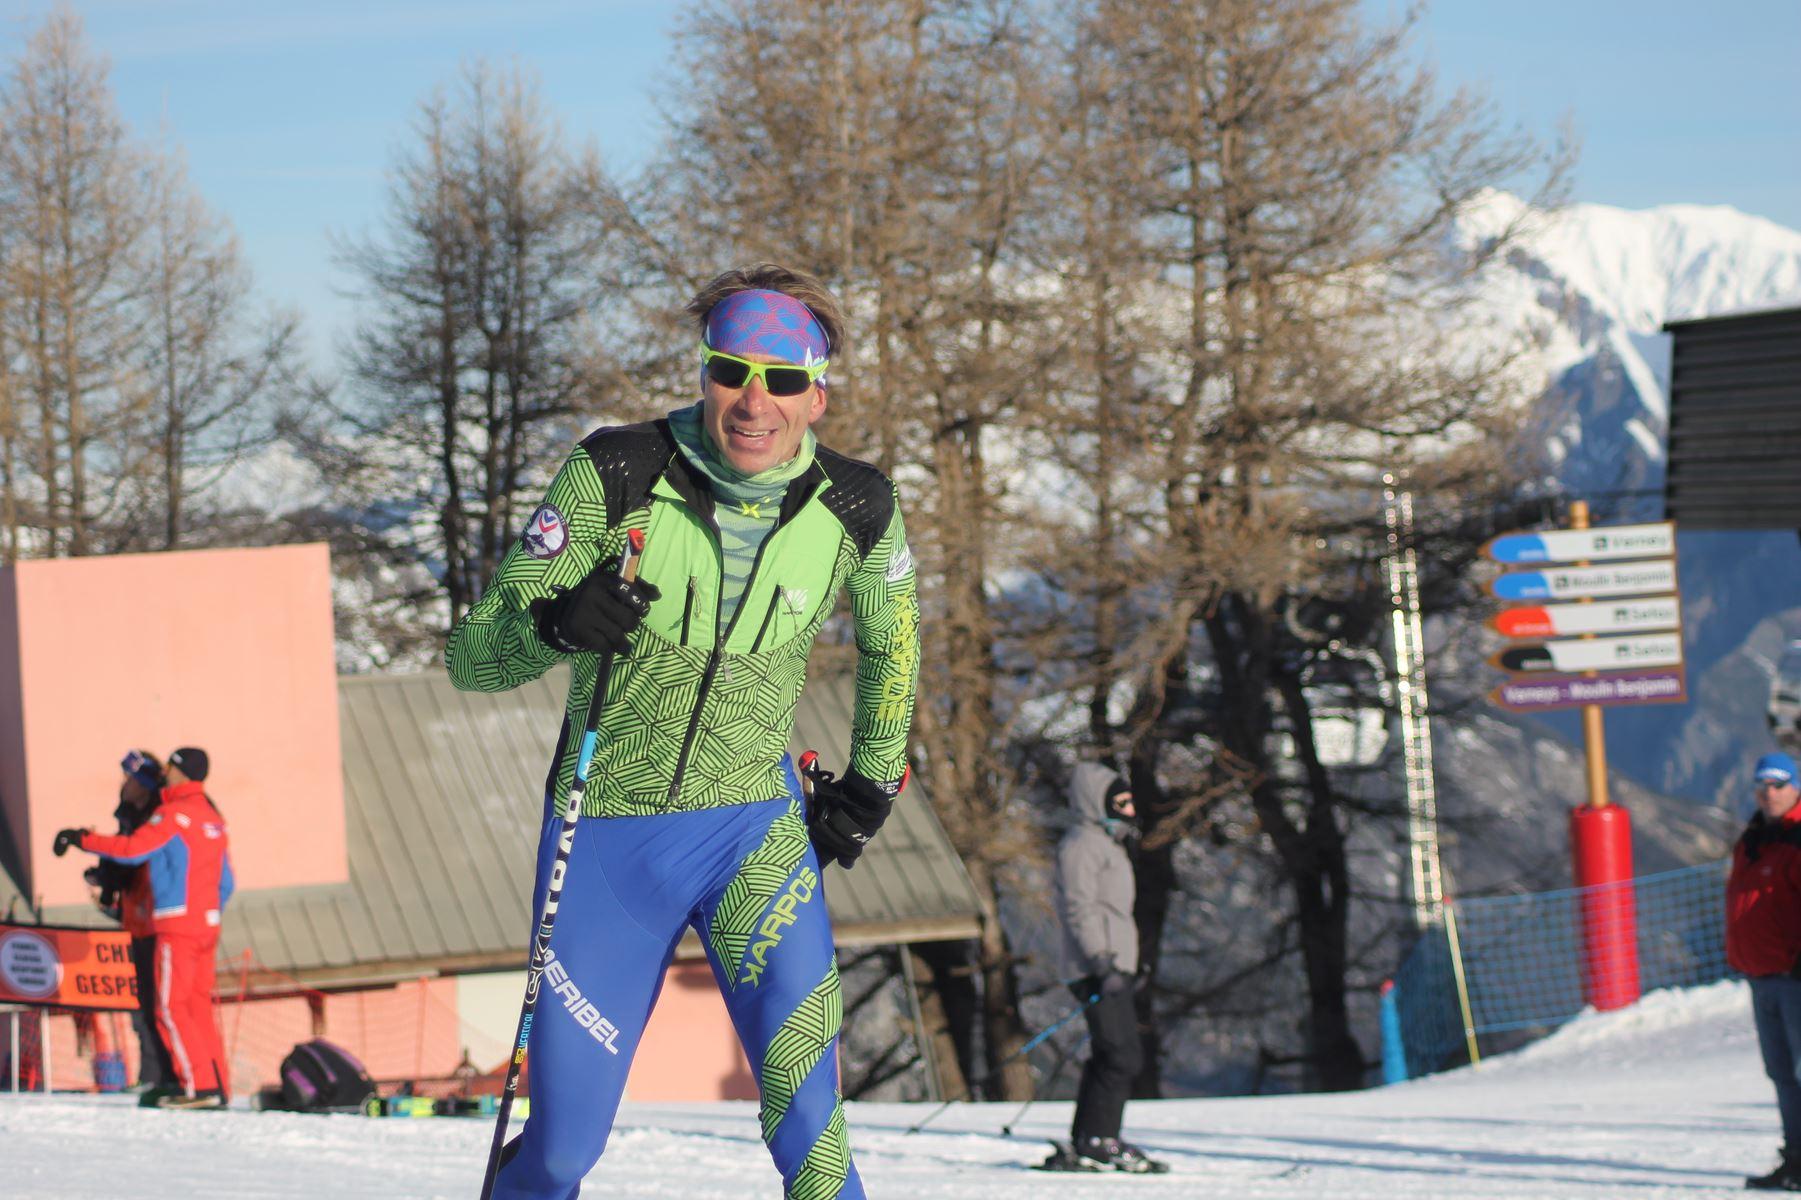 Yoann Caillot 3ème - Résultats de la 3ème édition du Valloire Dynafit Vertical (ski alpi) 04/01/2020